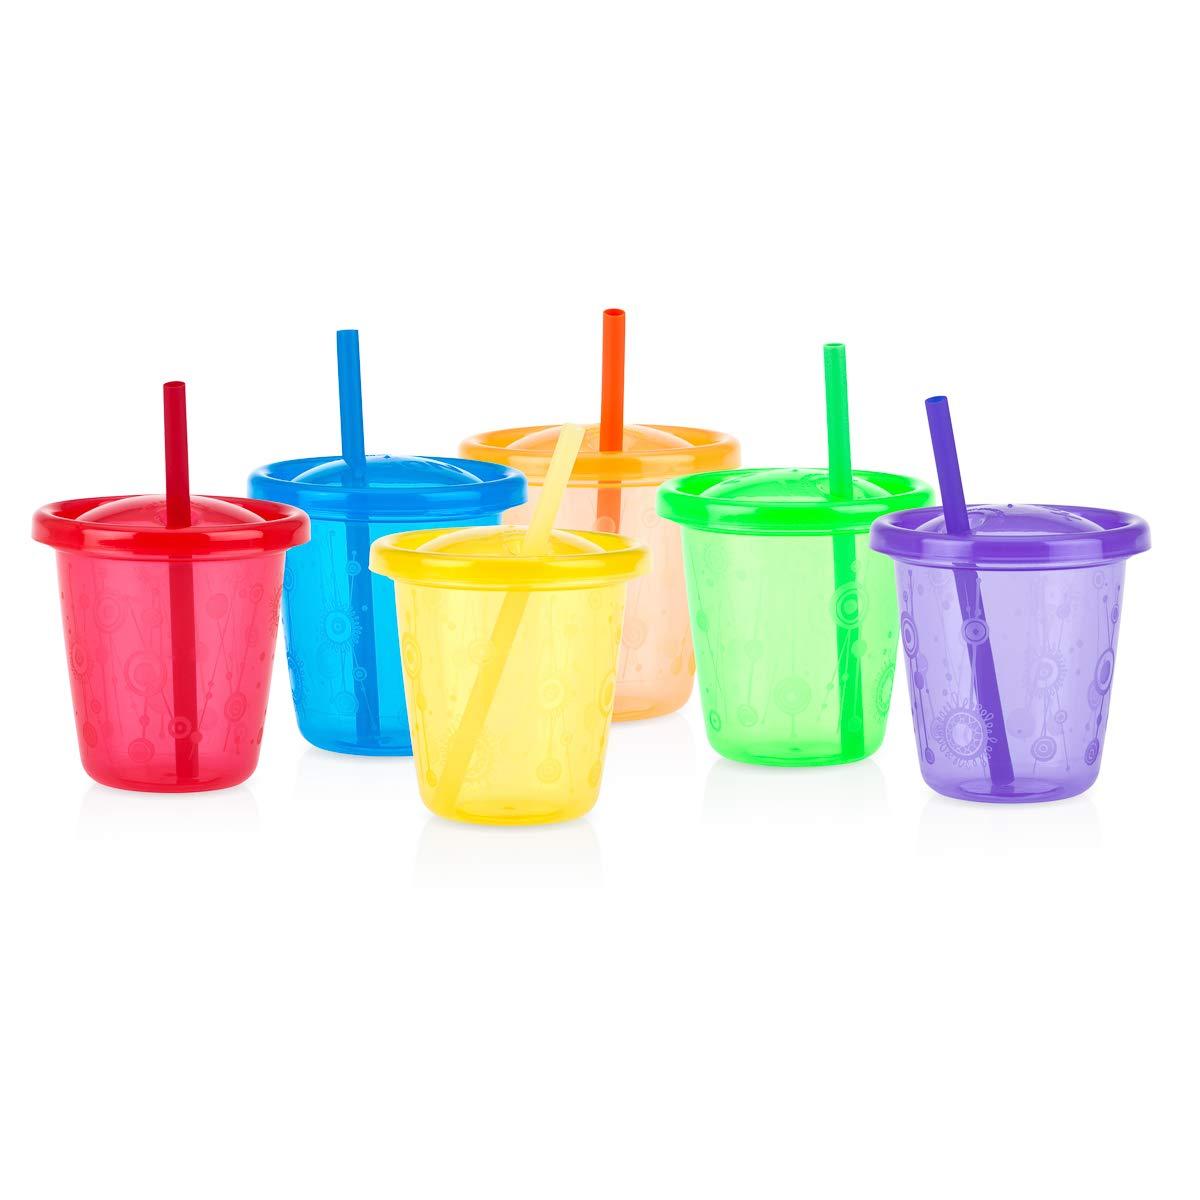 Amazon.com: Nuby - Juego de 6 tazas para niños con tapas y ...